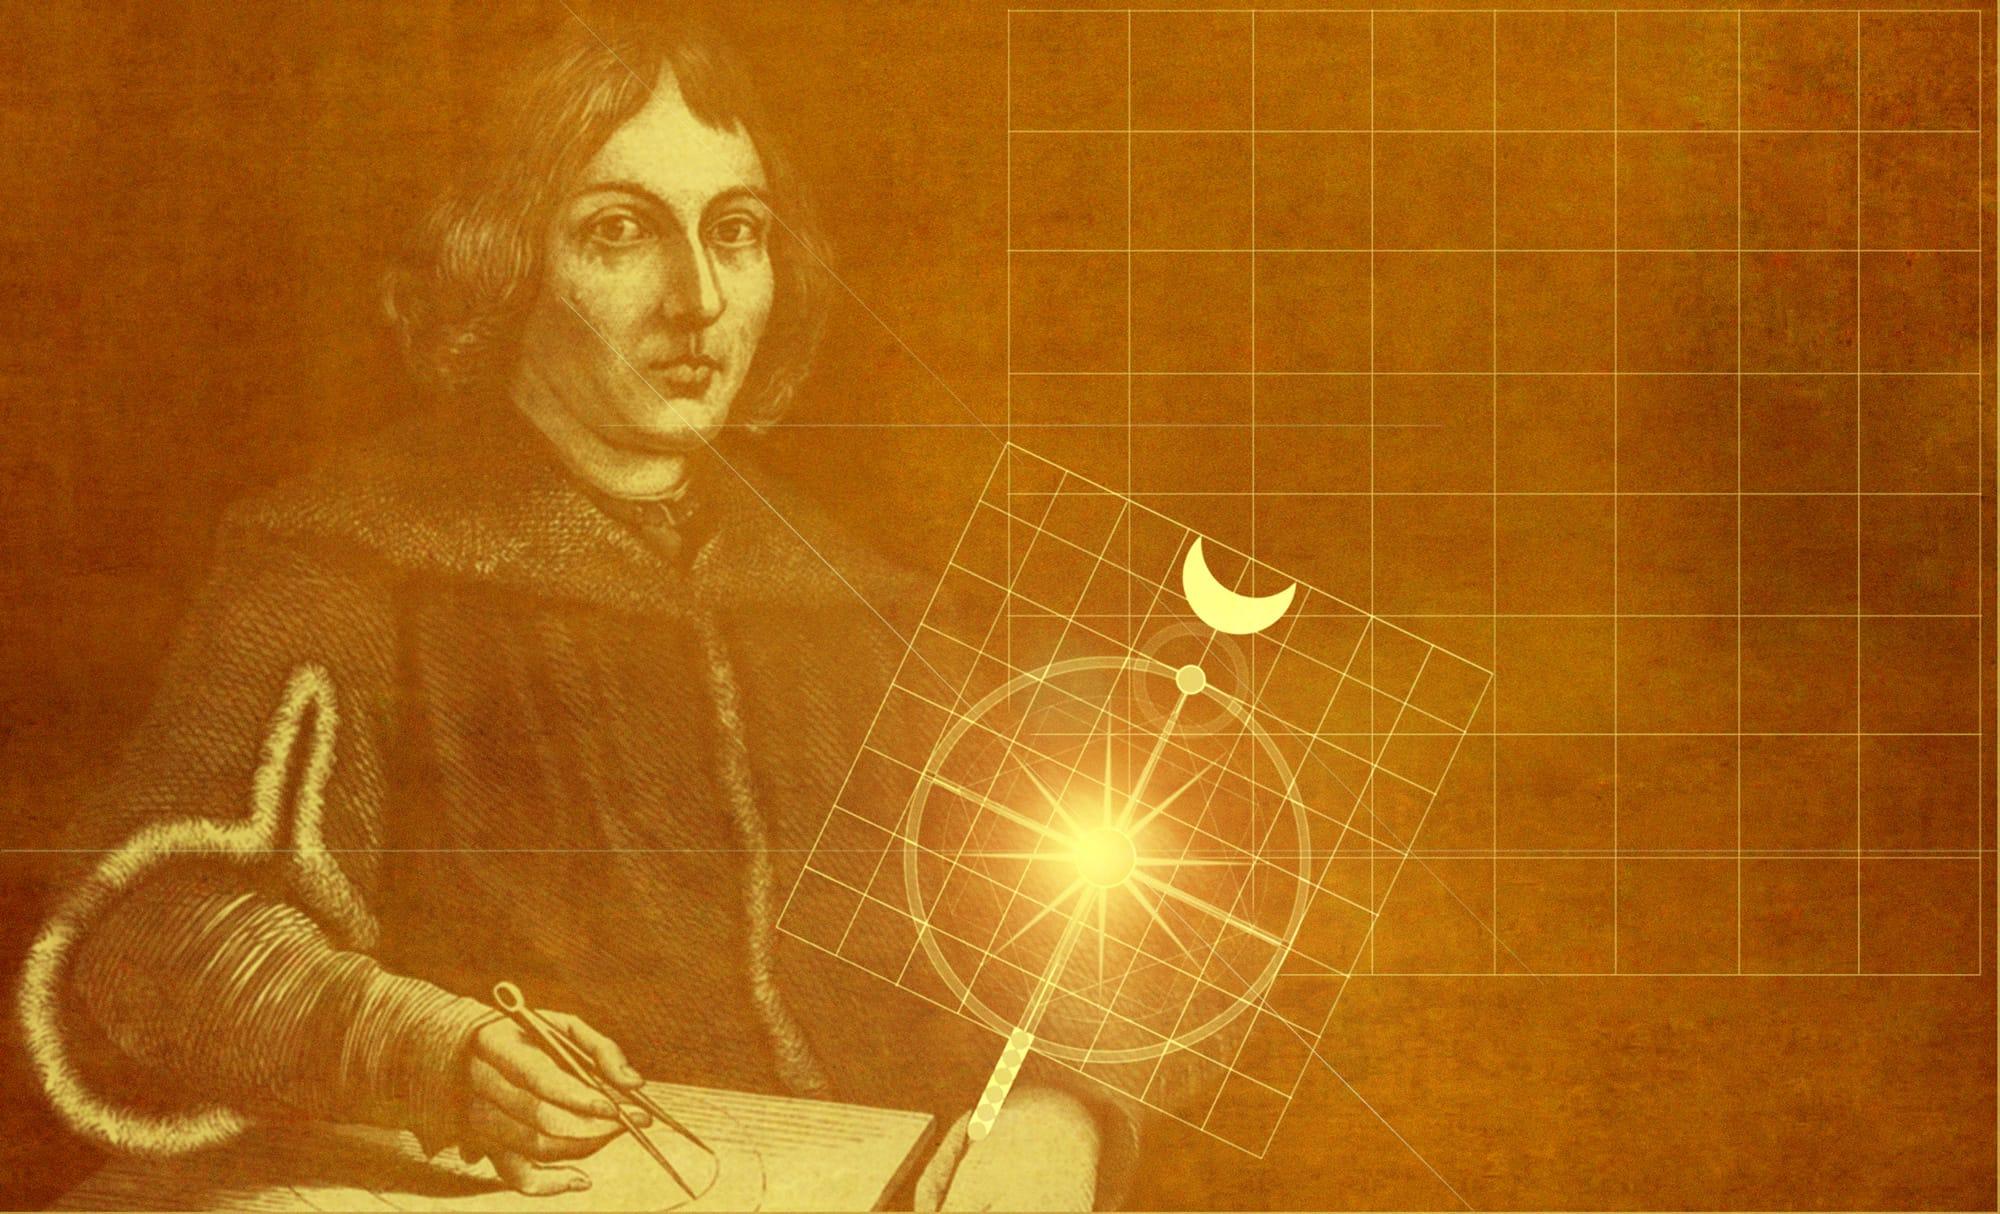 008Nicolas-Copernico_8982711604_o